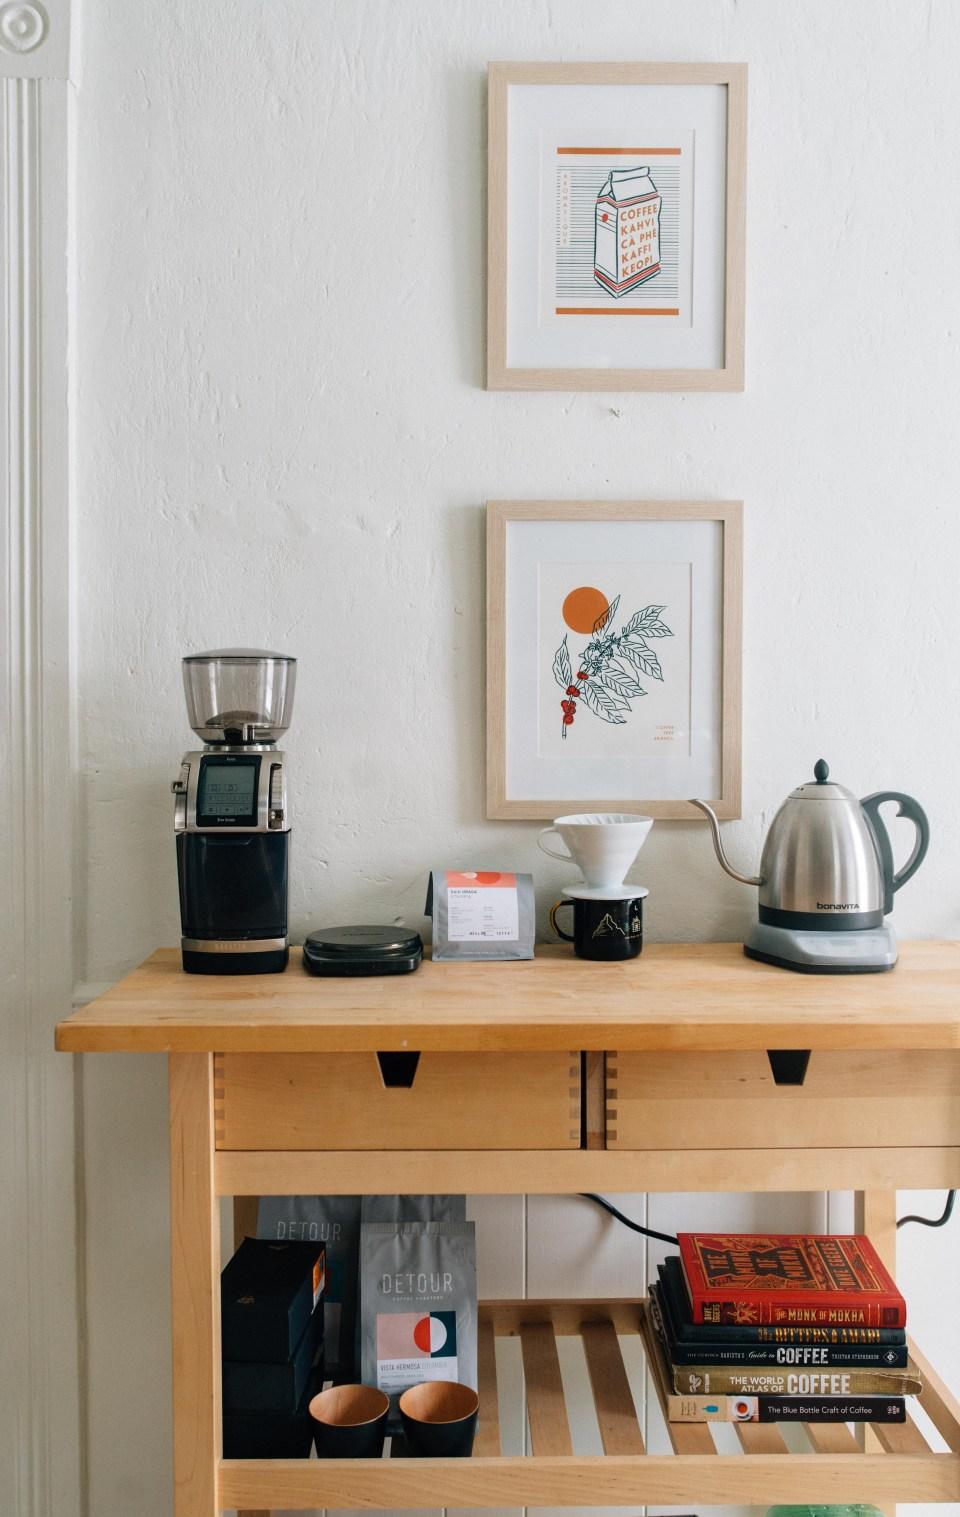 Dark Green Kitchen Cupboard - Vintage Inspired Kitchen - Coffee Station - At Home Coffee Station